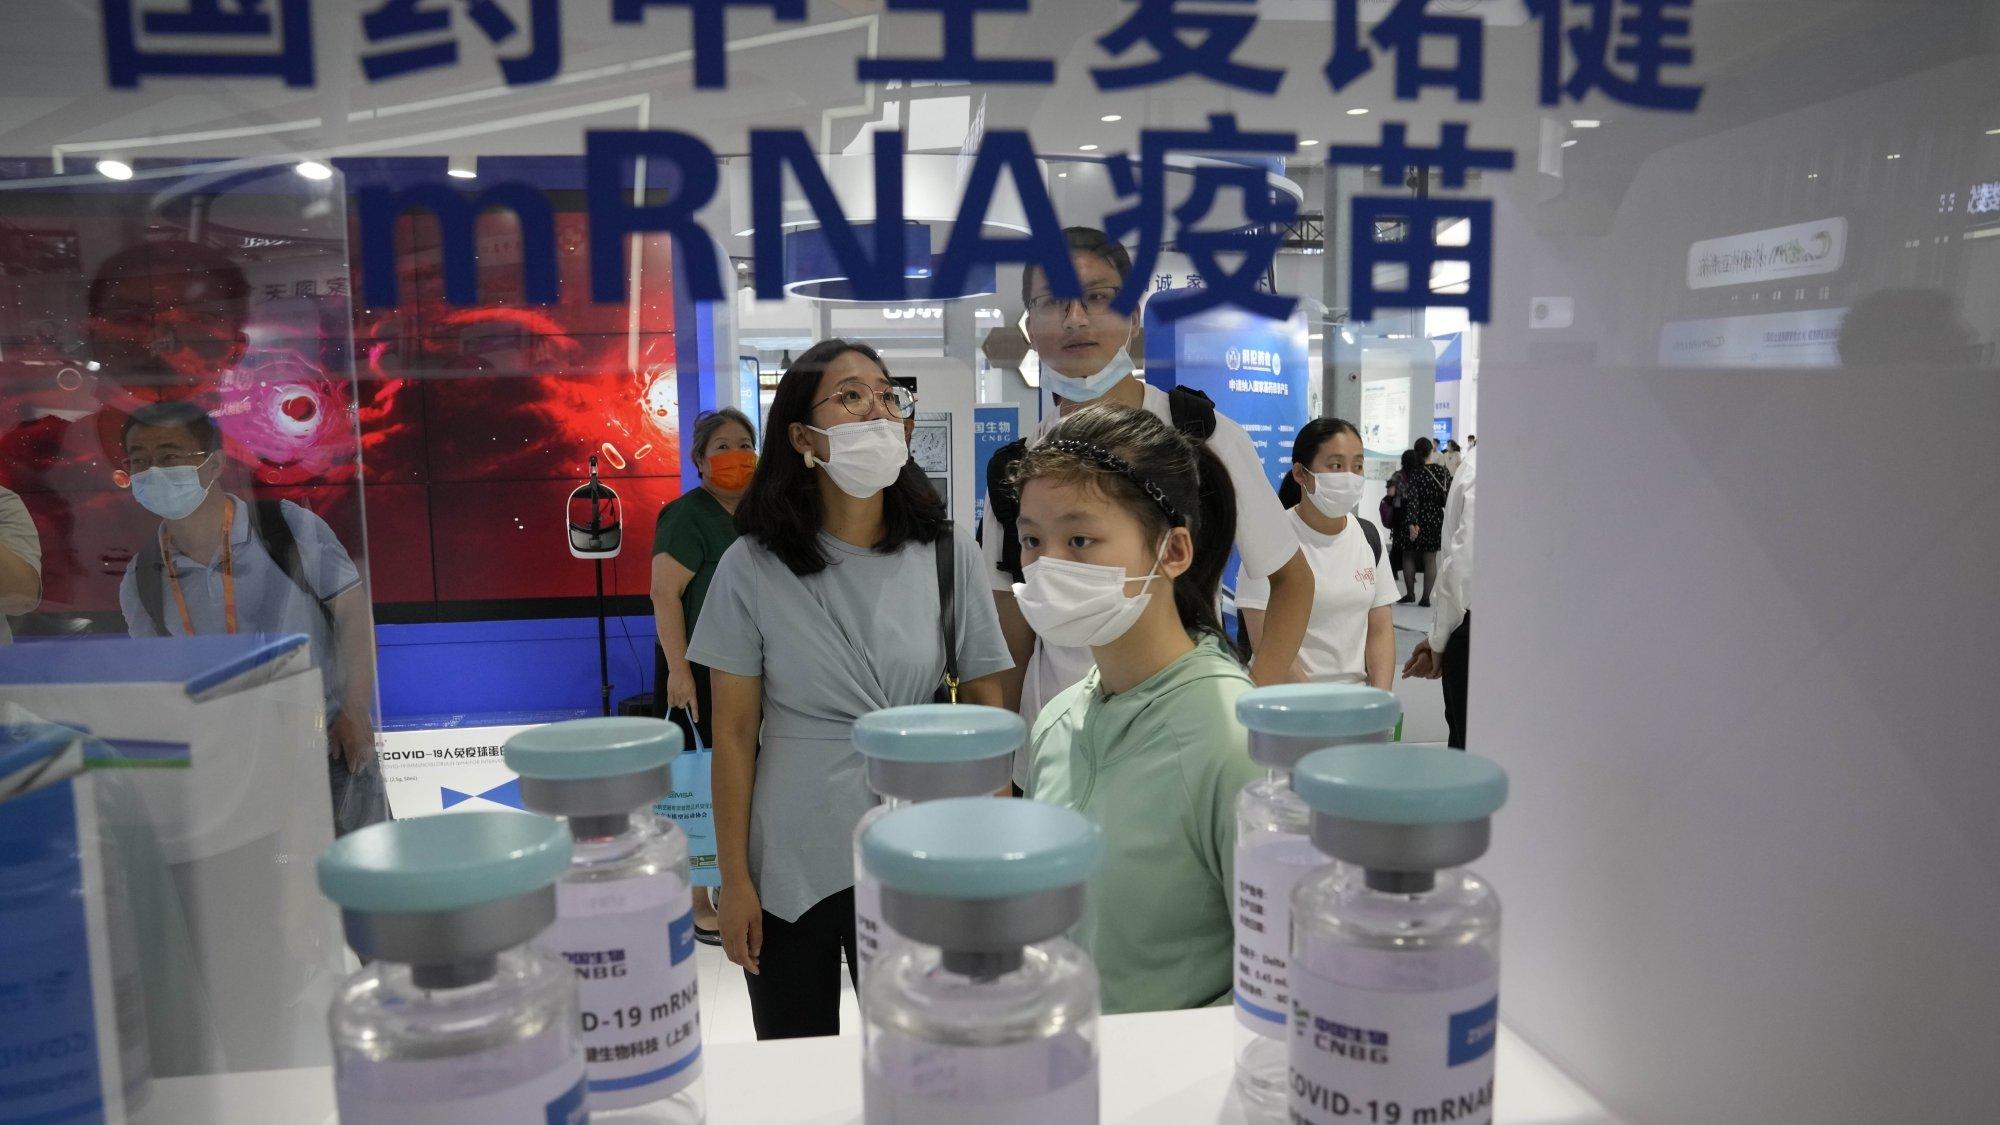 Le vaccin chinois de Sinopharm n'est pas homologué par Swissmedic  et peut donc causer des surprises lors de l'arrivée en Suisse.